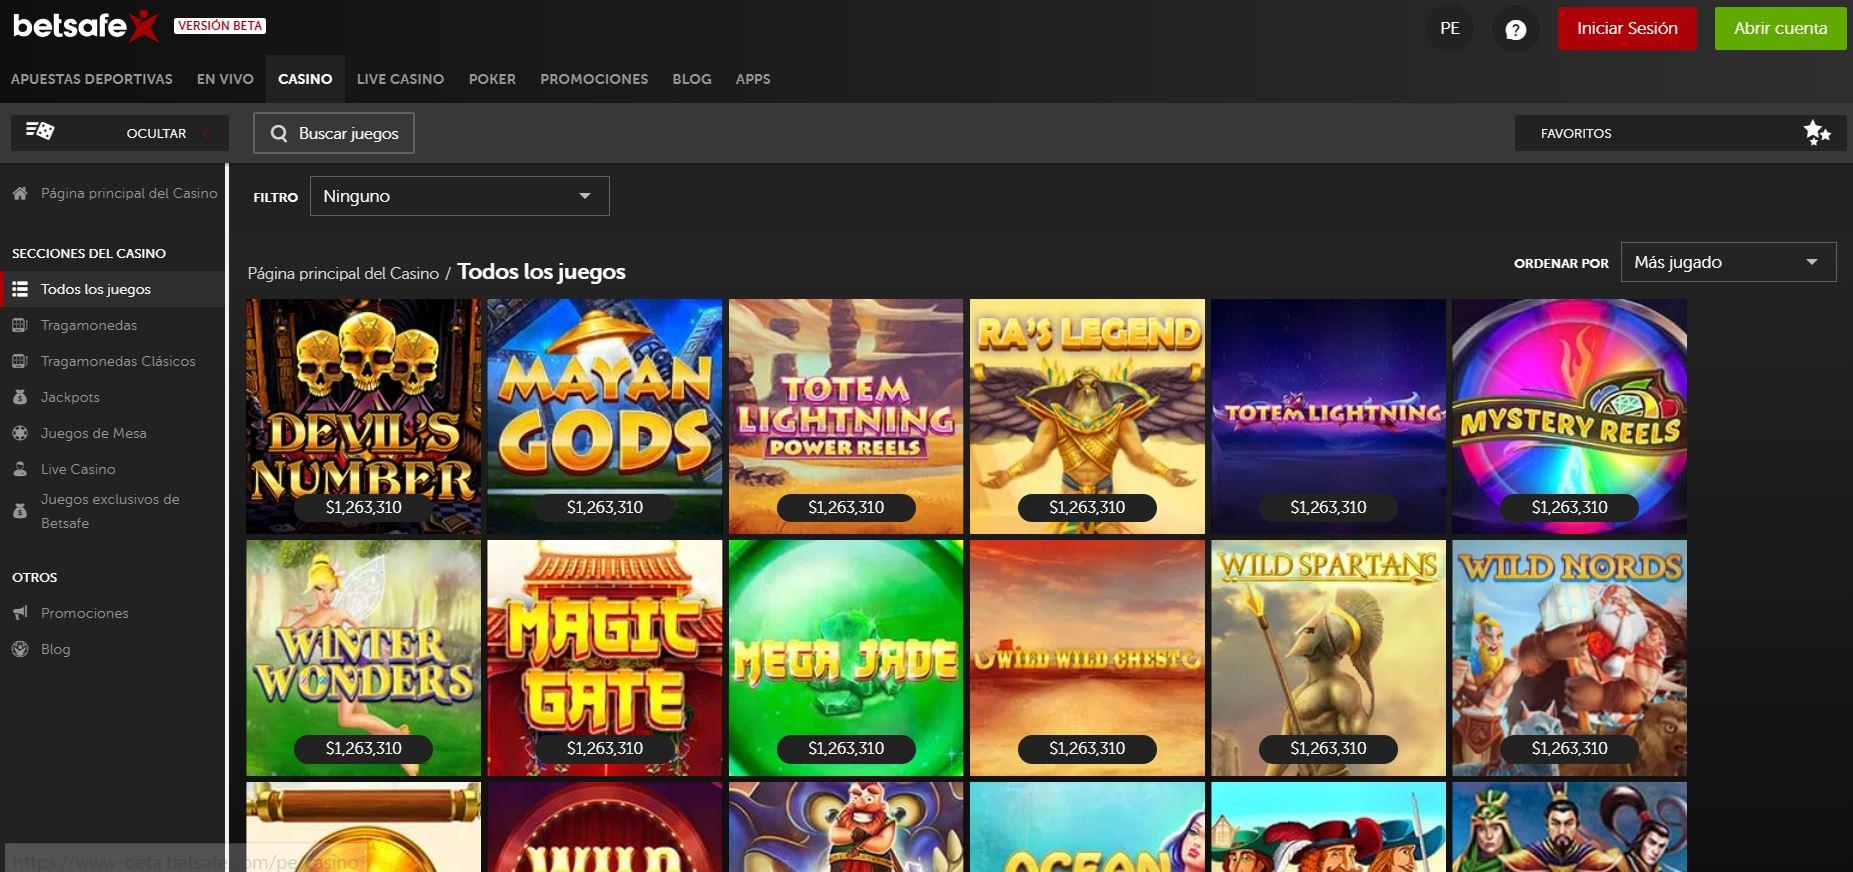 Las mejores casas para jugar casino online - Betsafe